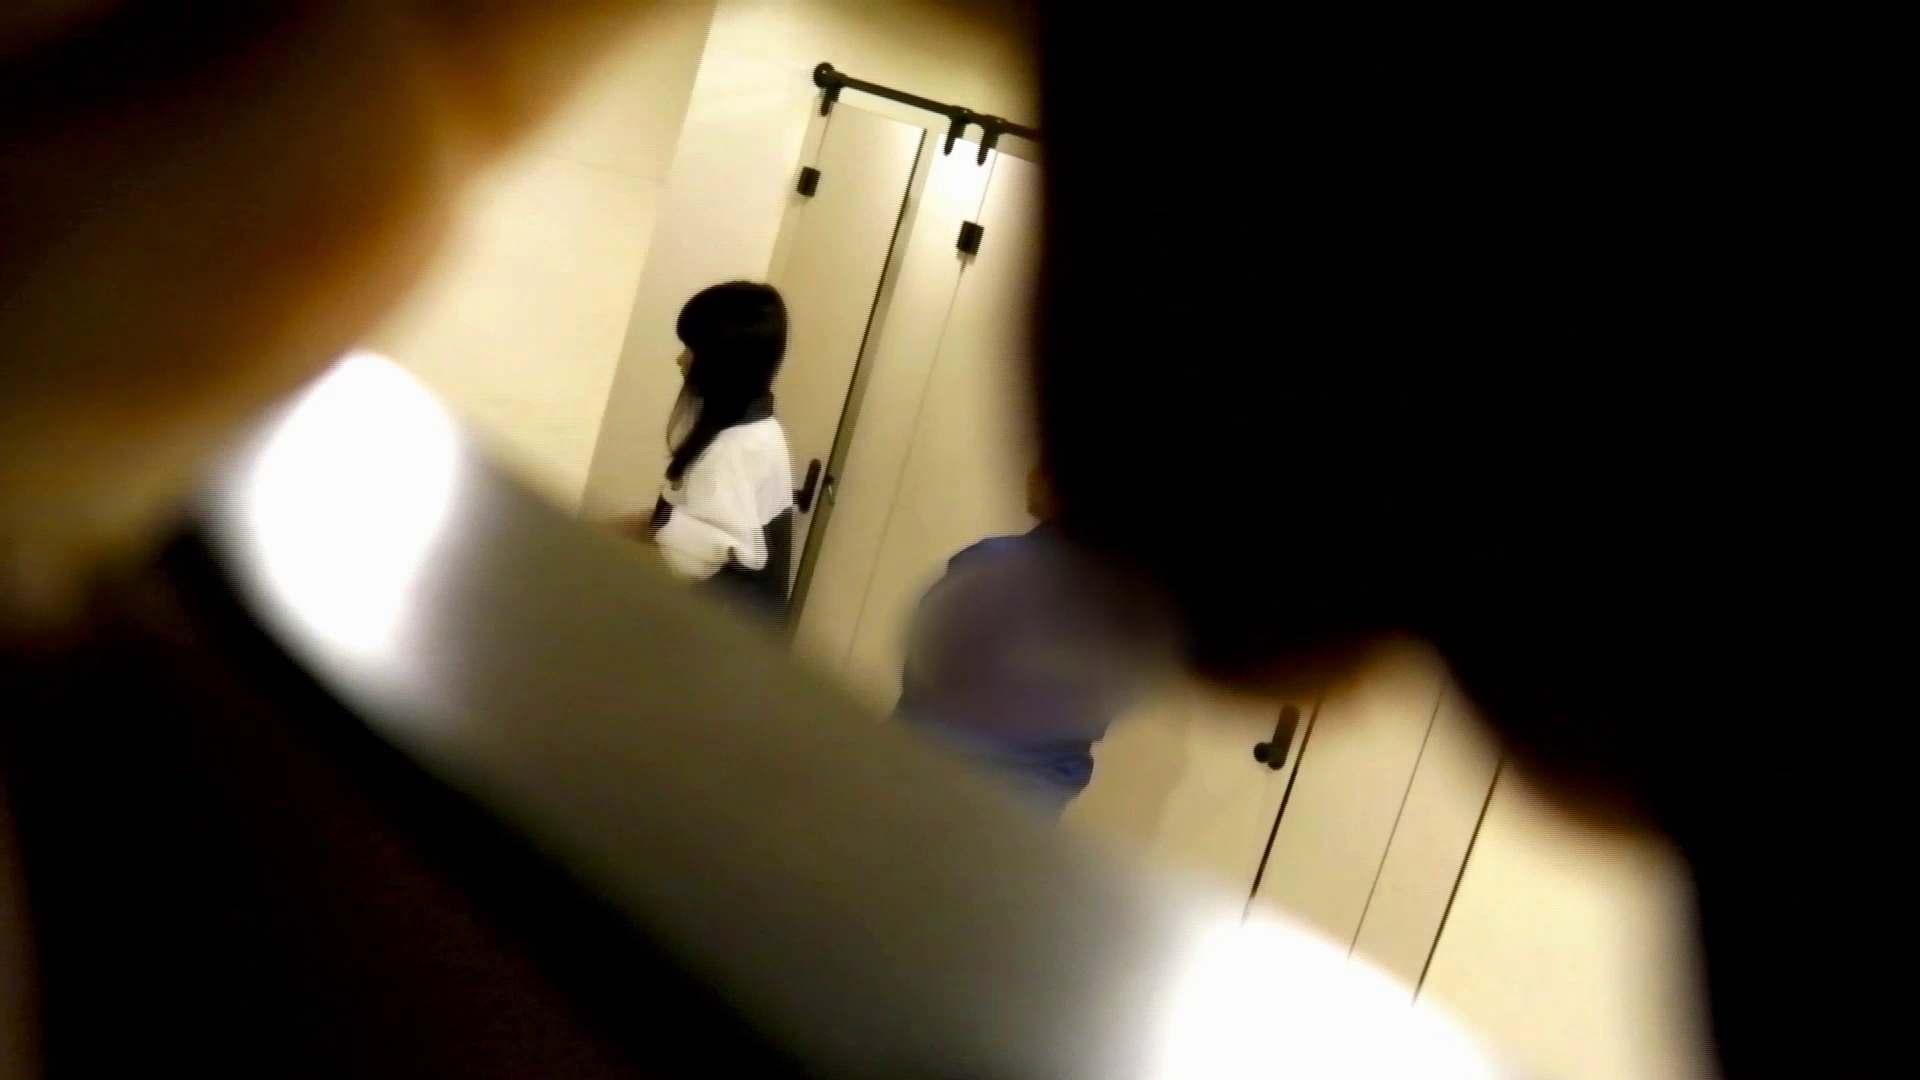 新世界の射窓 No78 トリンドル 玲奈似登場シリーズ美女率最高作! エッチなお姉さん SEX無修正画像 19画像 9